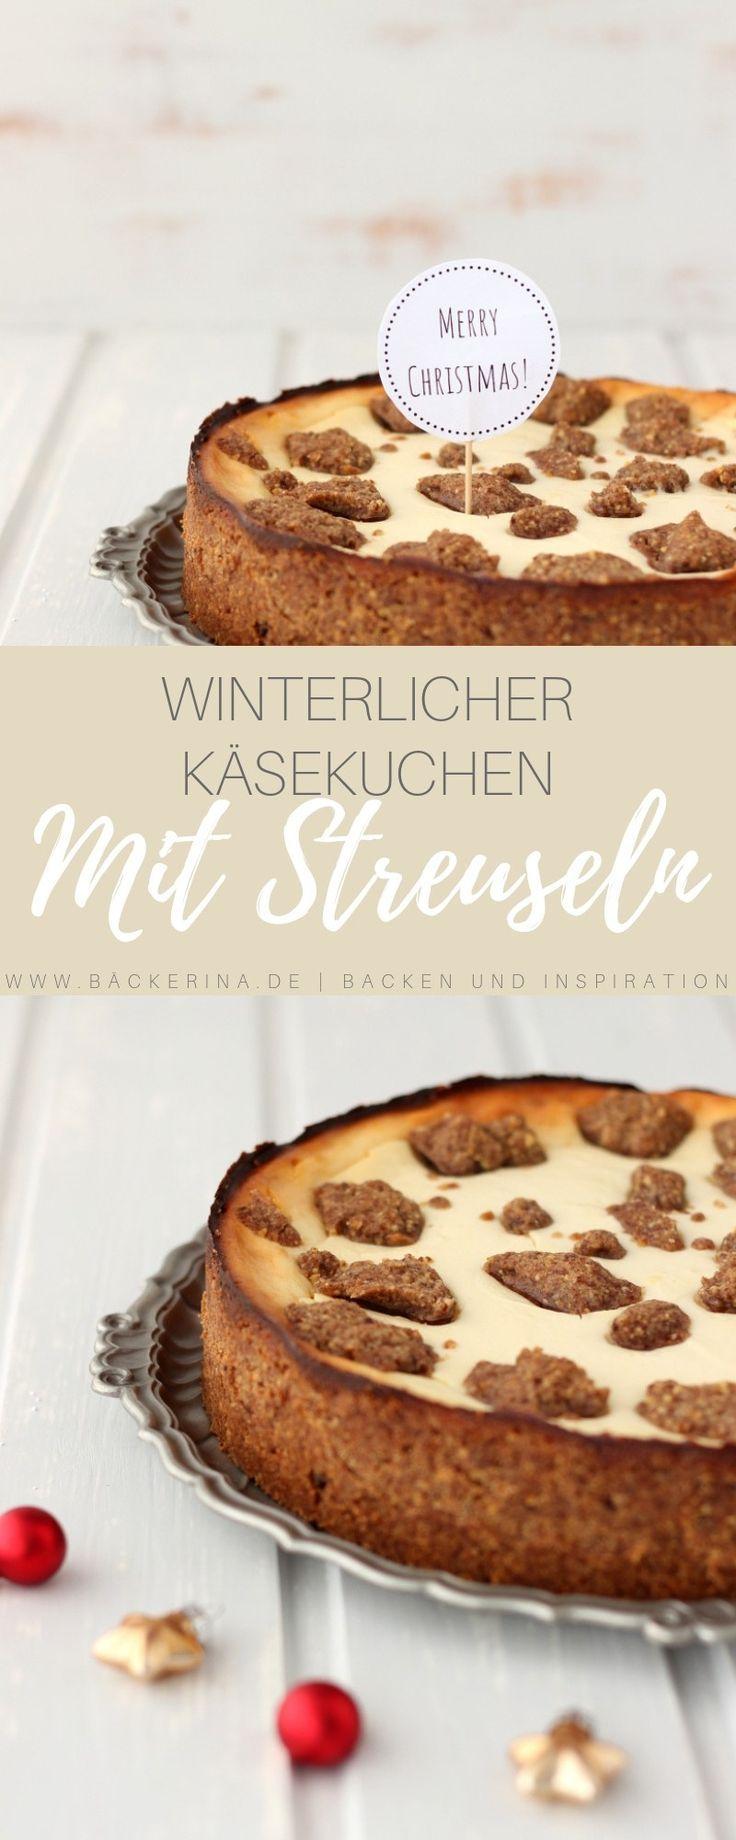 Winterlicher Käsekuchen mit Schoko-Haselnussstreuseln – #Käsekuchen #mit #Scho…